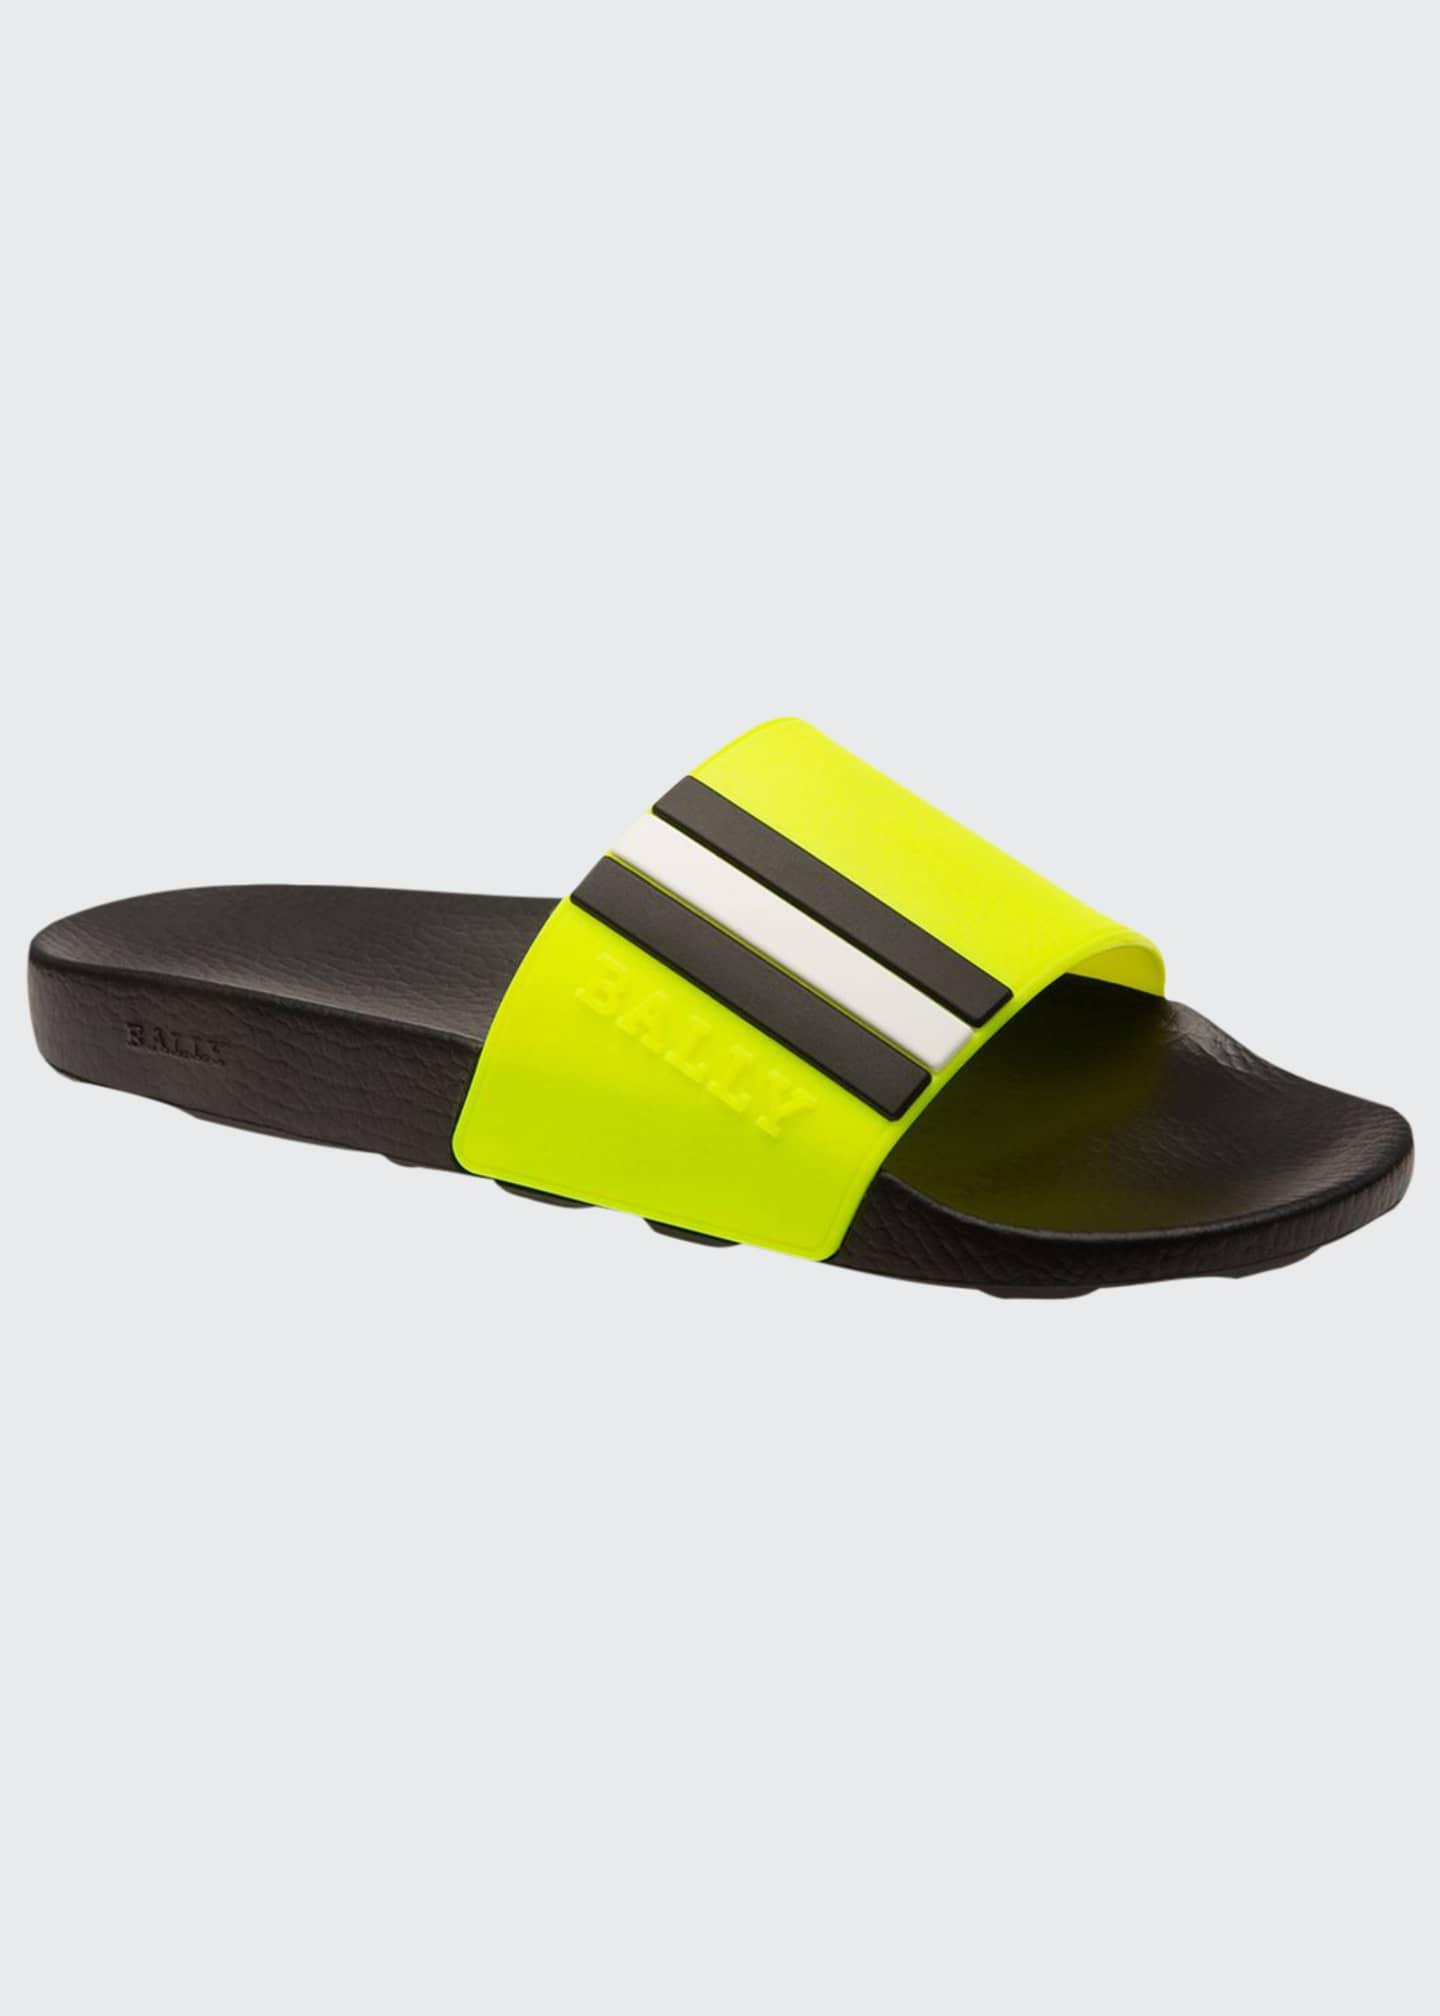 Bally Men's Saxor Rubber Slide Sandals